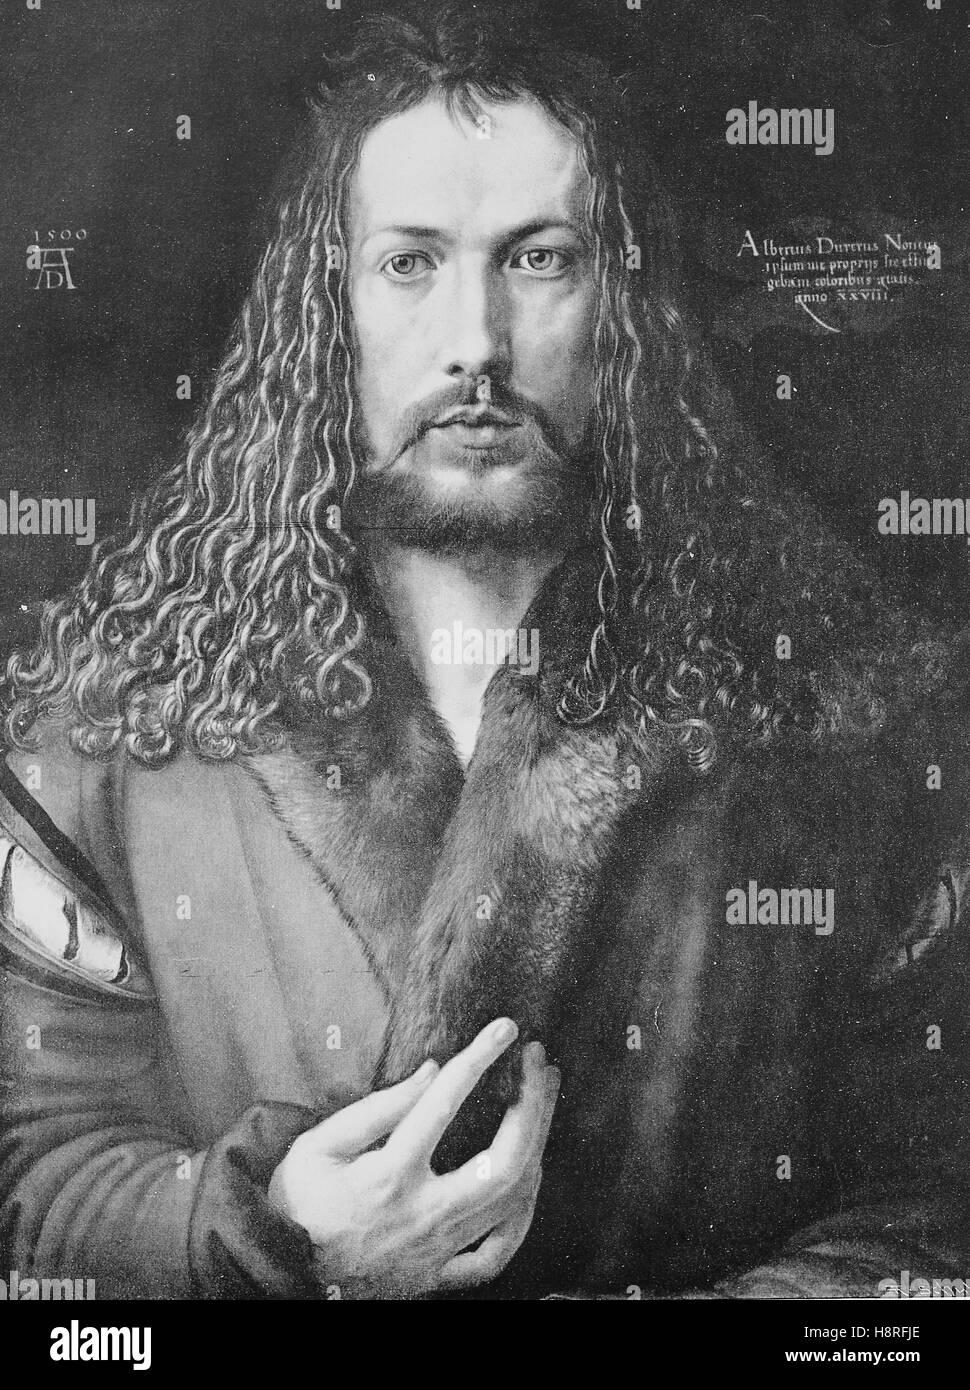 Albrecht Duerer was a painter, printmaker, and theorist of the German Renaissance - Stock Image